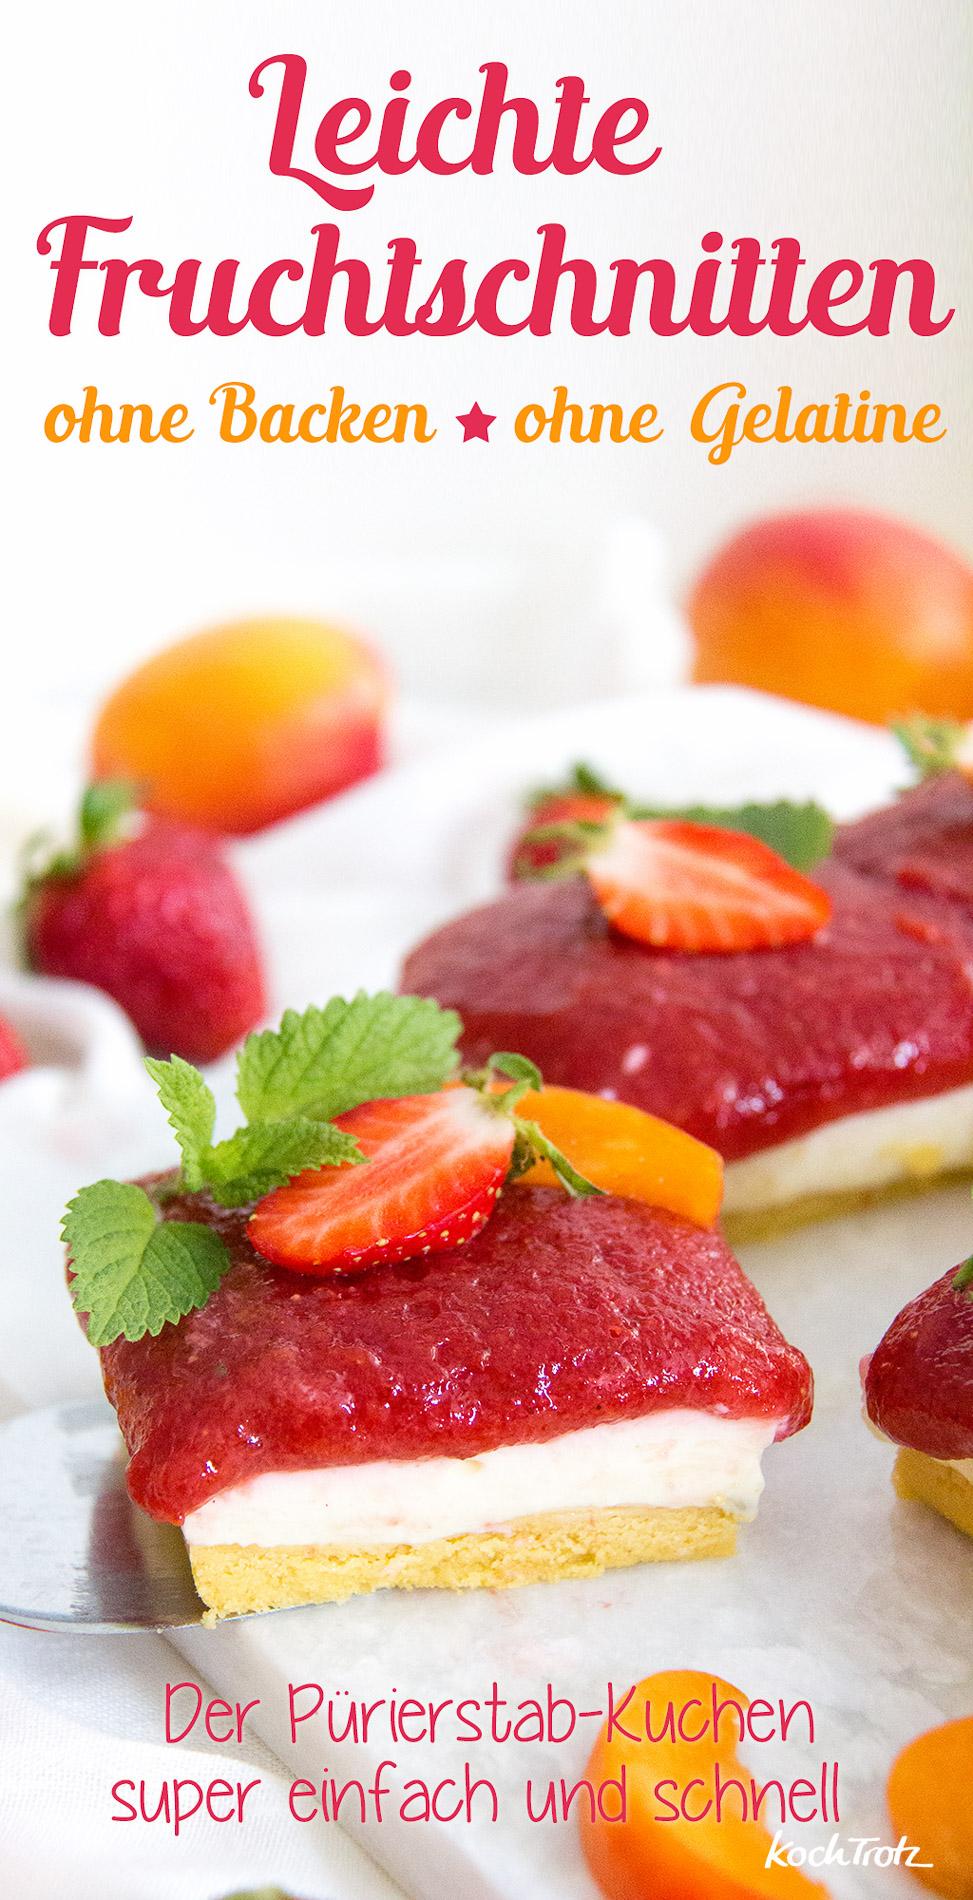 Leichte Fruchtschnitte ohne Backen | Pürierstabkuchen | ohne Gelatine | glutenfrei | eifrei | optional vegan | KochTrotz